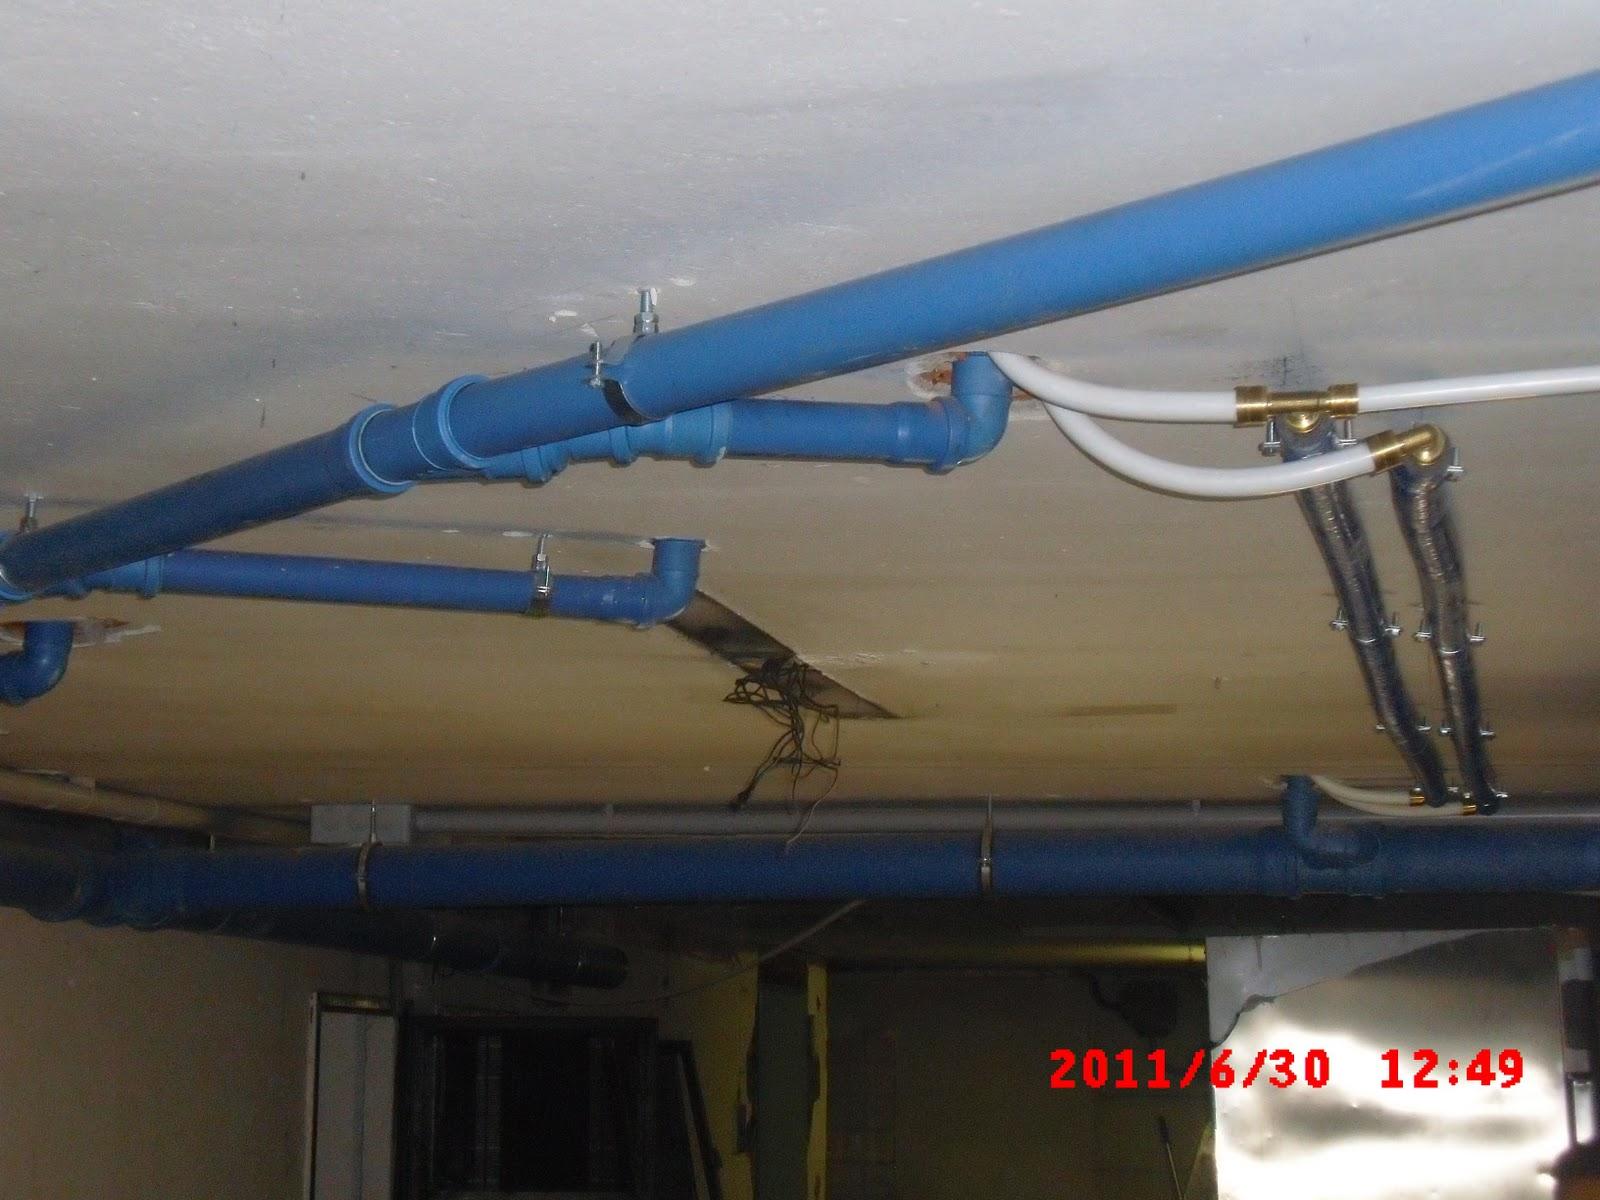 Ristorante cinisello rifacimento impianti di for Materiale del tubo della linea d acqua